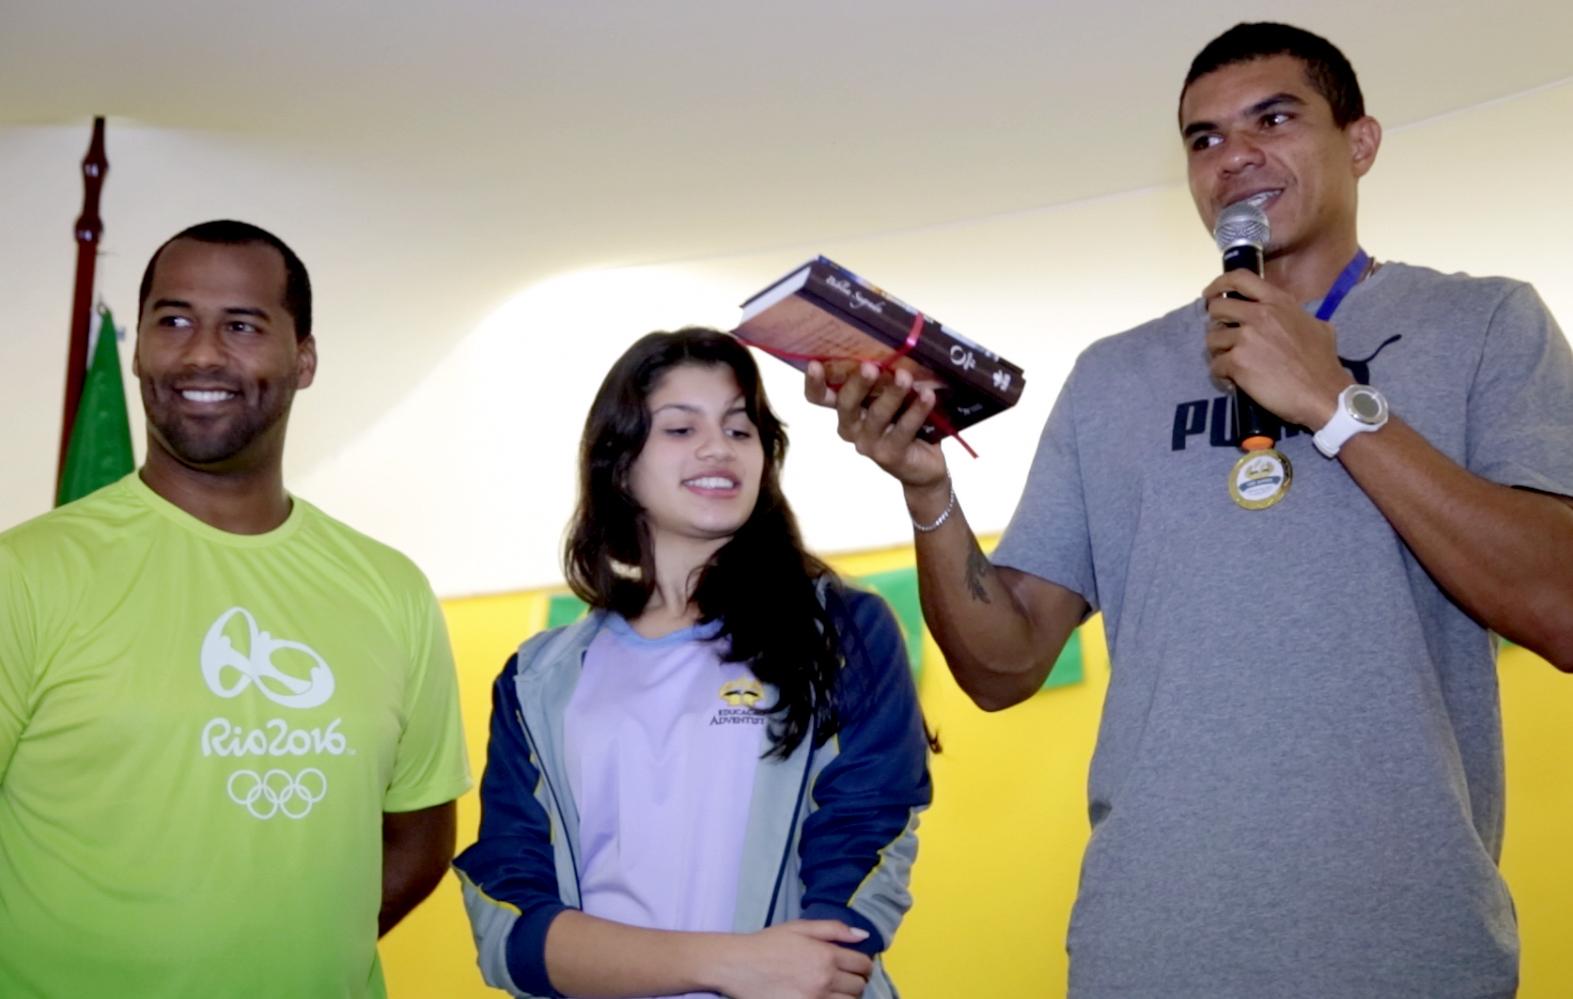 Atleta Olimpico, Éder Souza (dir.), recebe um presente do colégio, das mãos professor  Thiago dos Santos e uma aluna da escola.